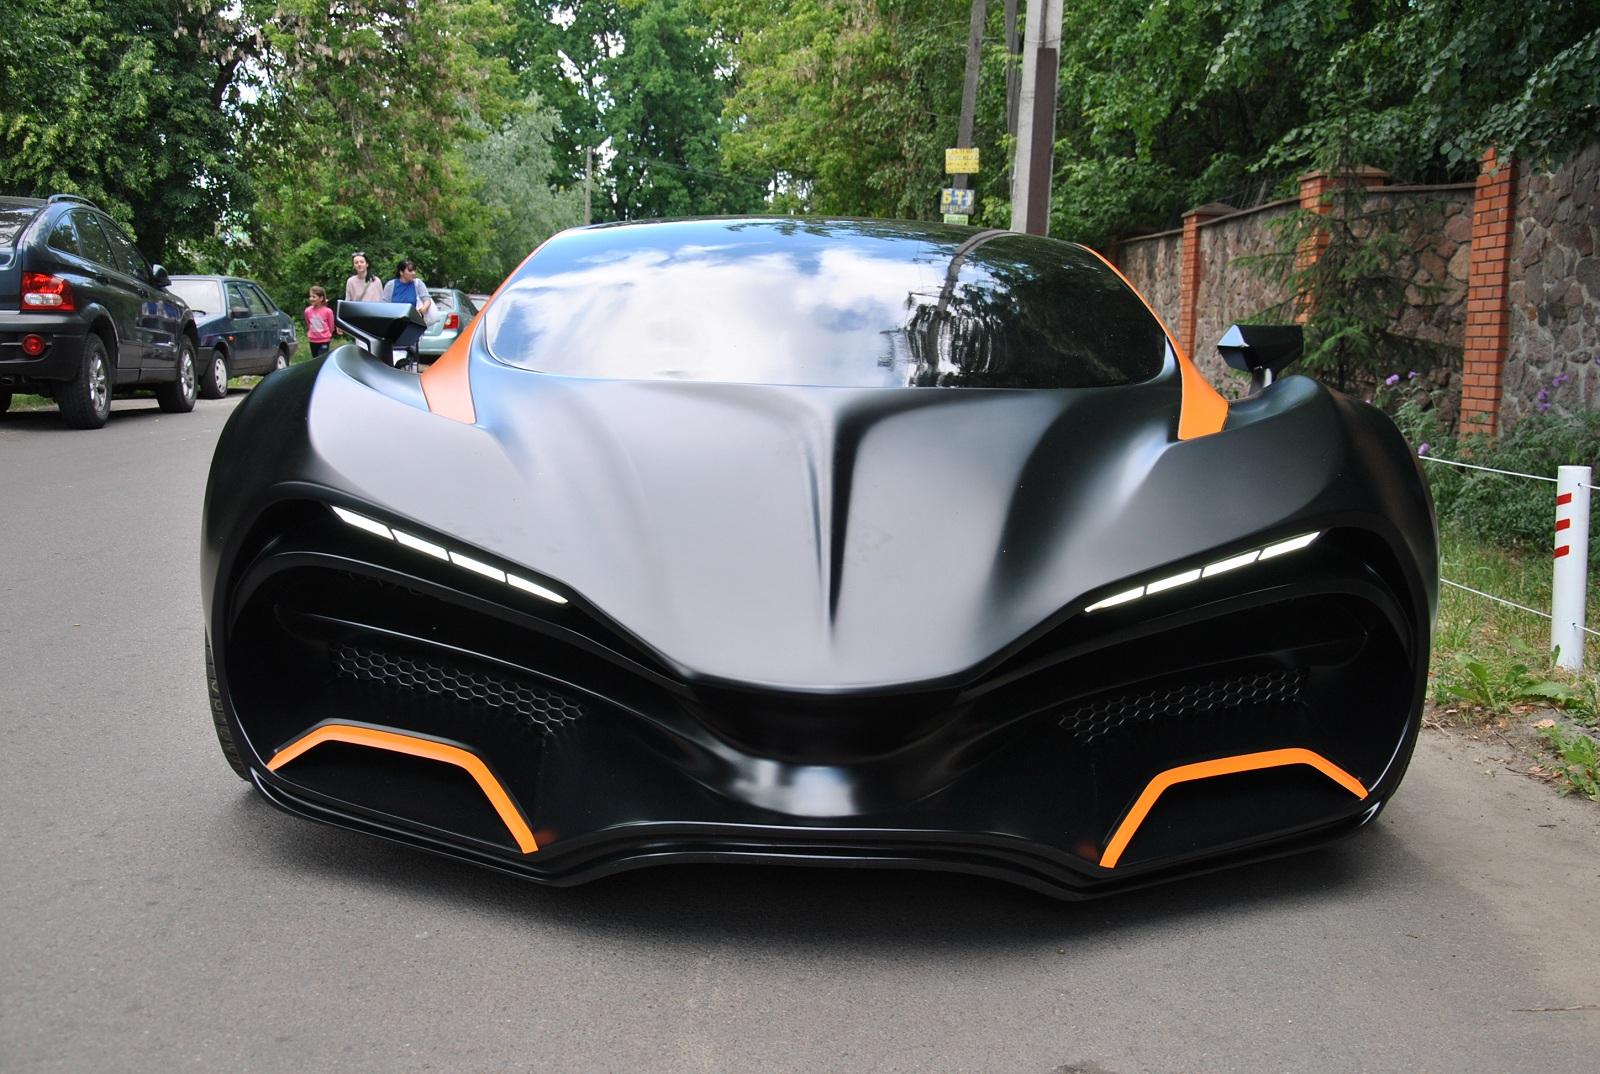 Эксклюзив: свежие фото первого сделанного в Украине суперкара!